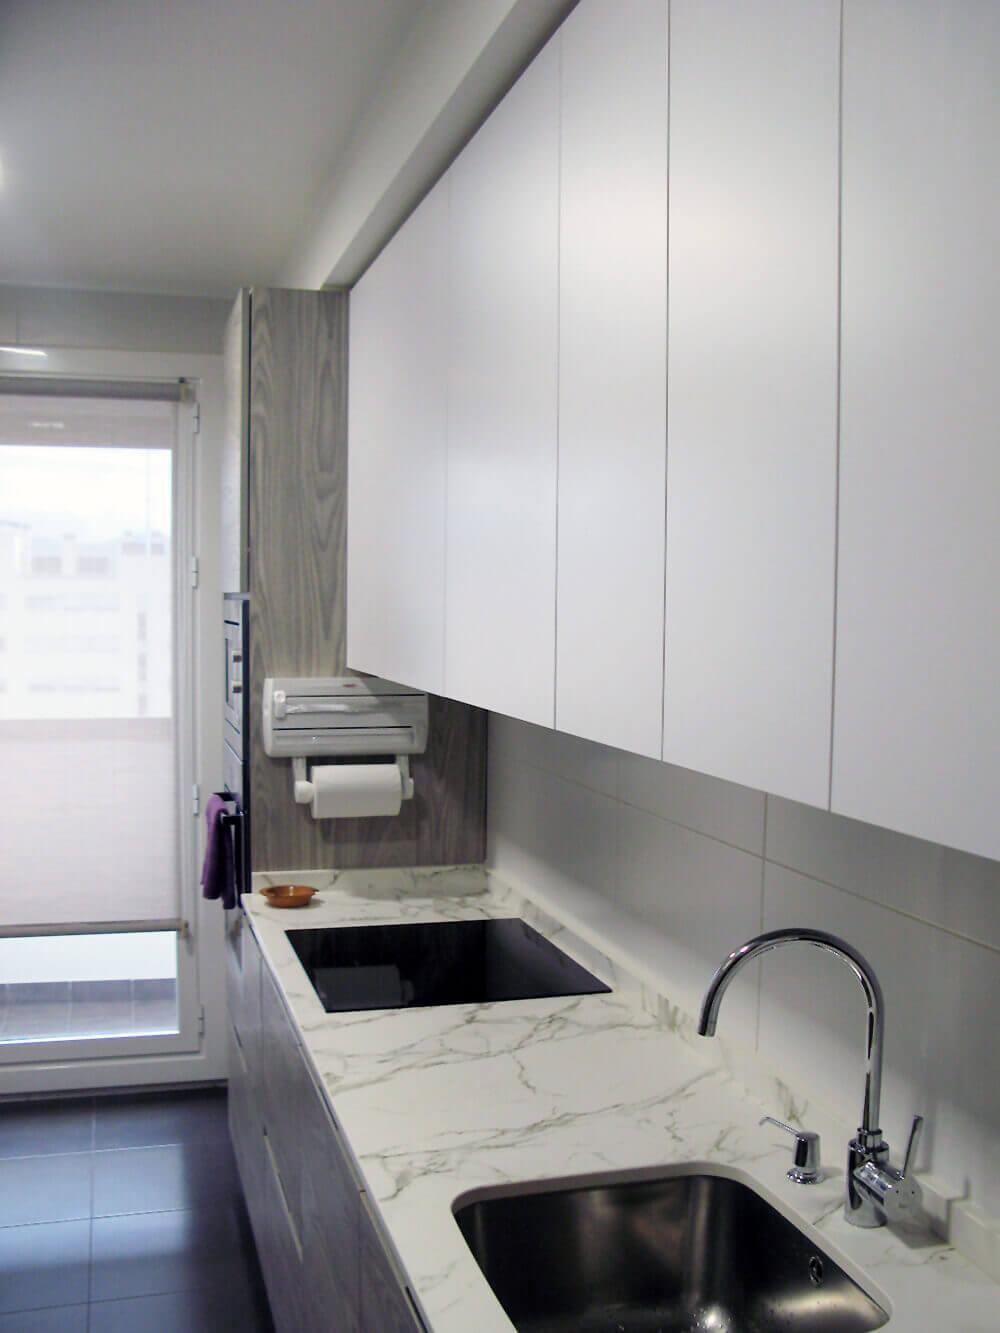 cocina-alargada-4 Cocinas Vitoria - Muebles de cocina ...